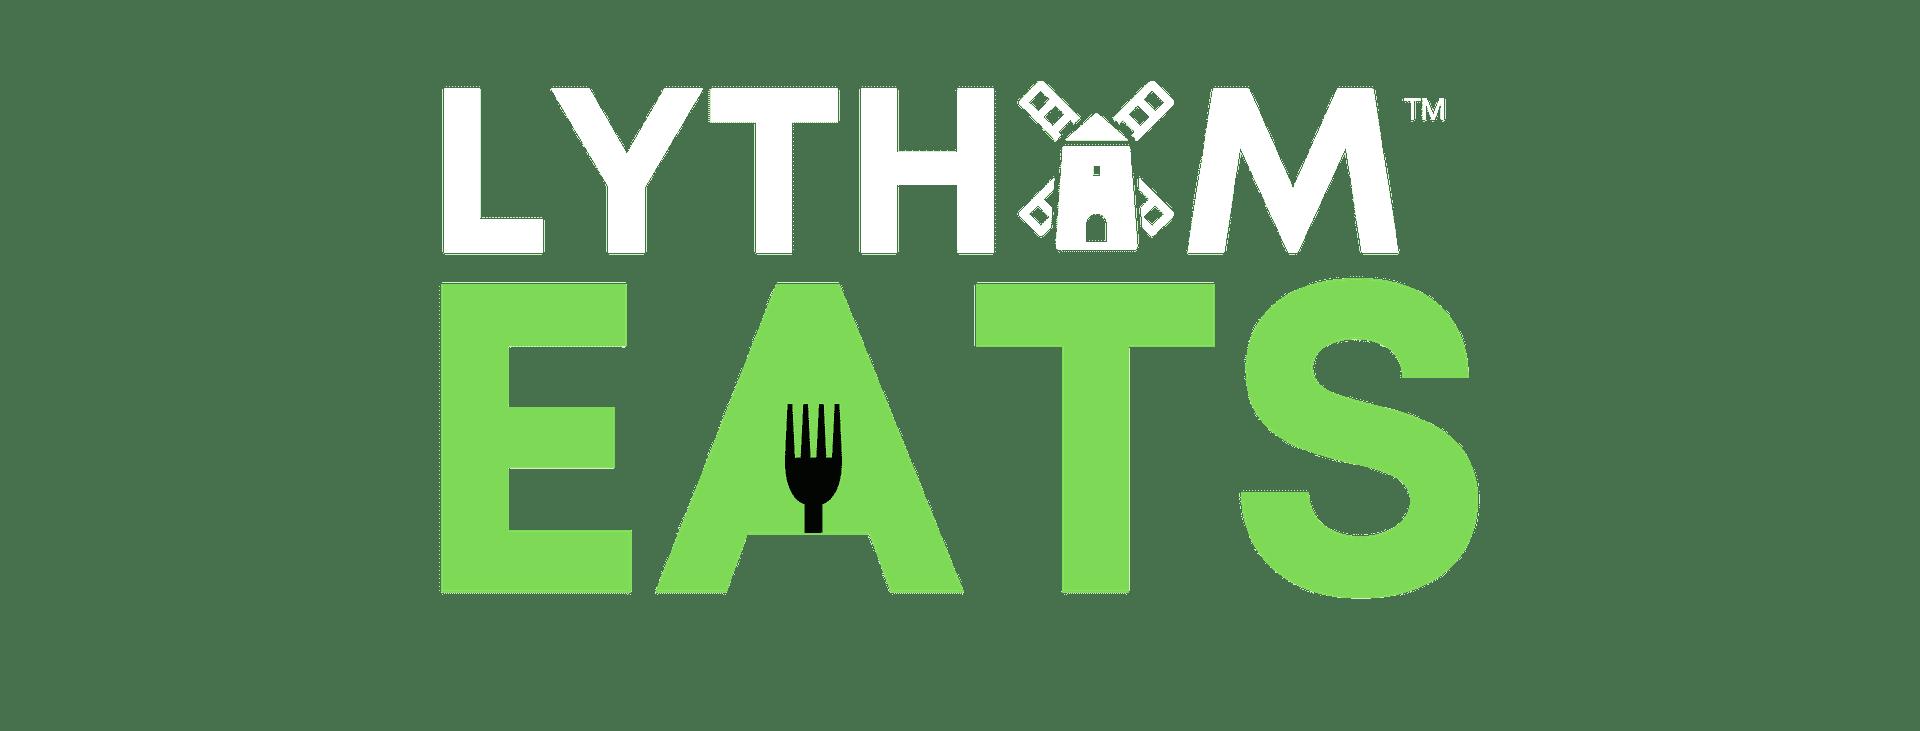 Lytham Eats logo